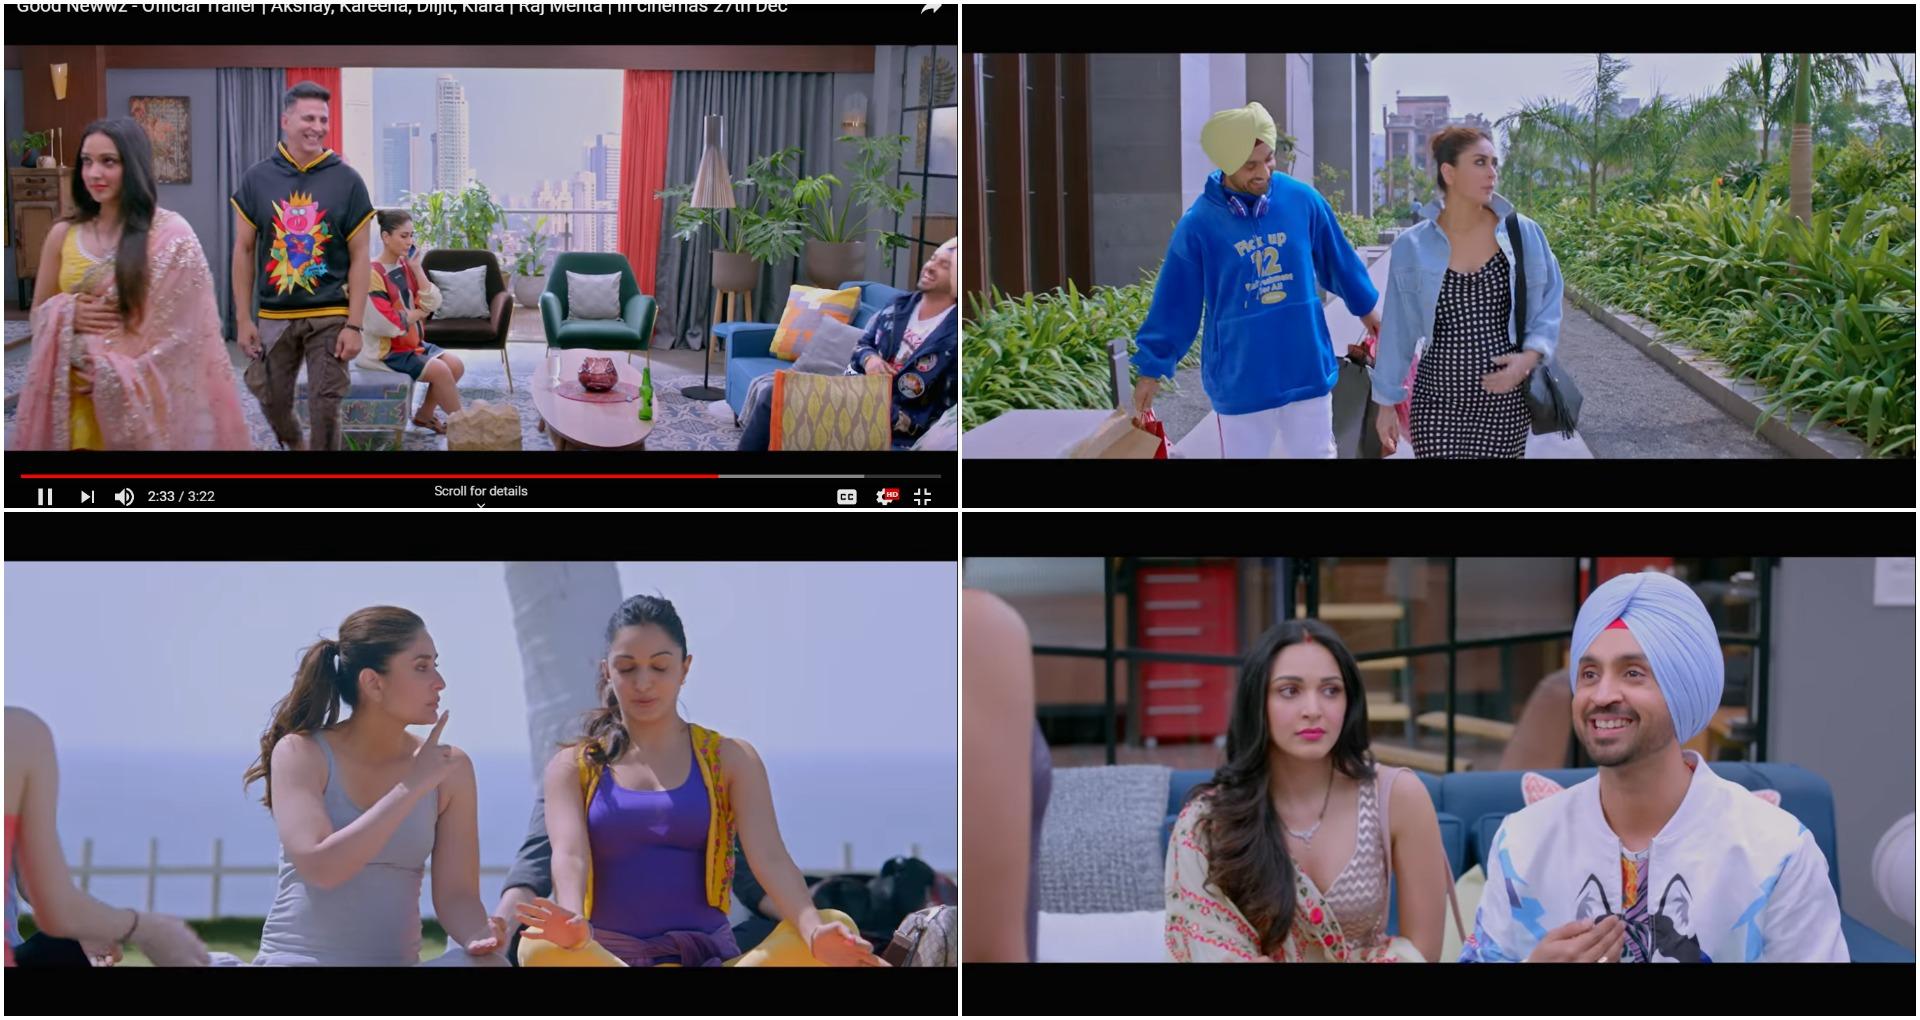 Good Newwz Trailer: वाकई में अक्षय हैं बॉलीवुड के खिलाड़ी, करीना, दिलजीत, कियारा संग लगाया कॉमेडी का तड़का